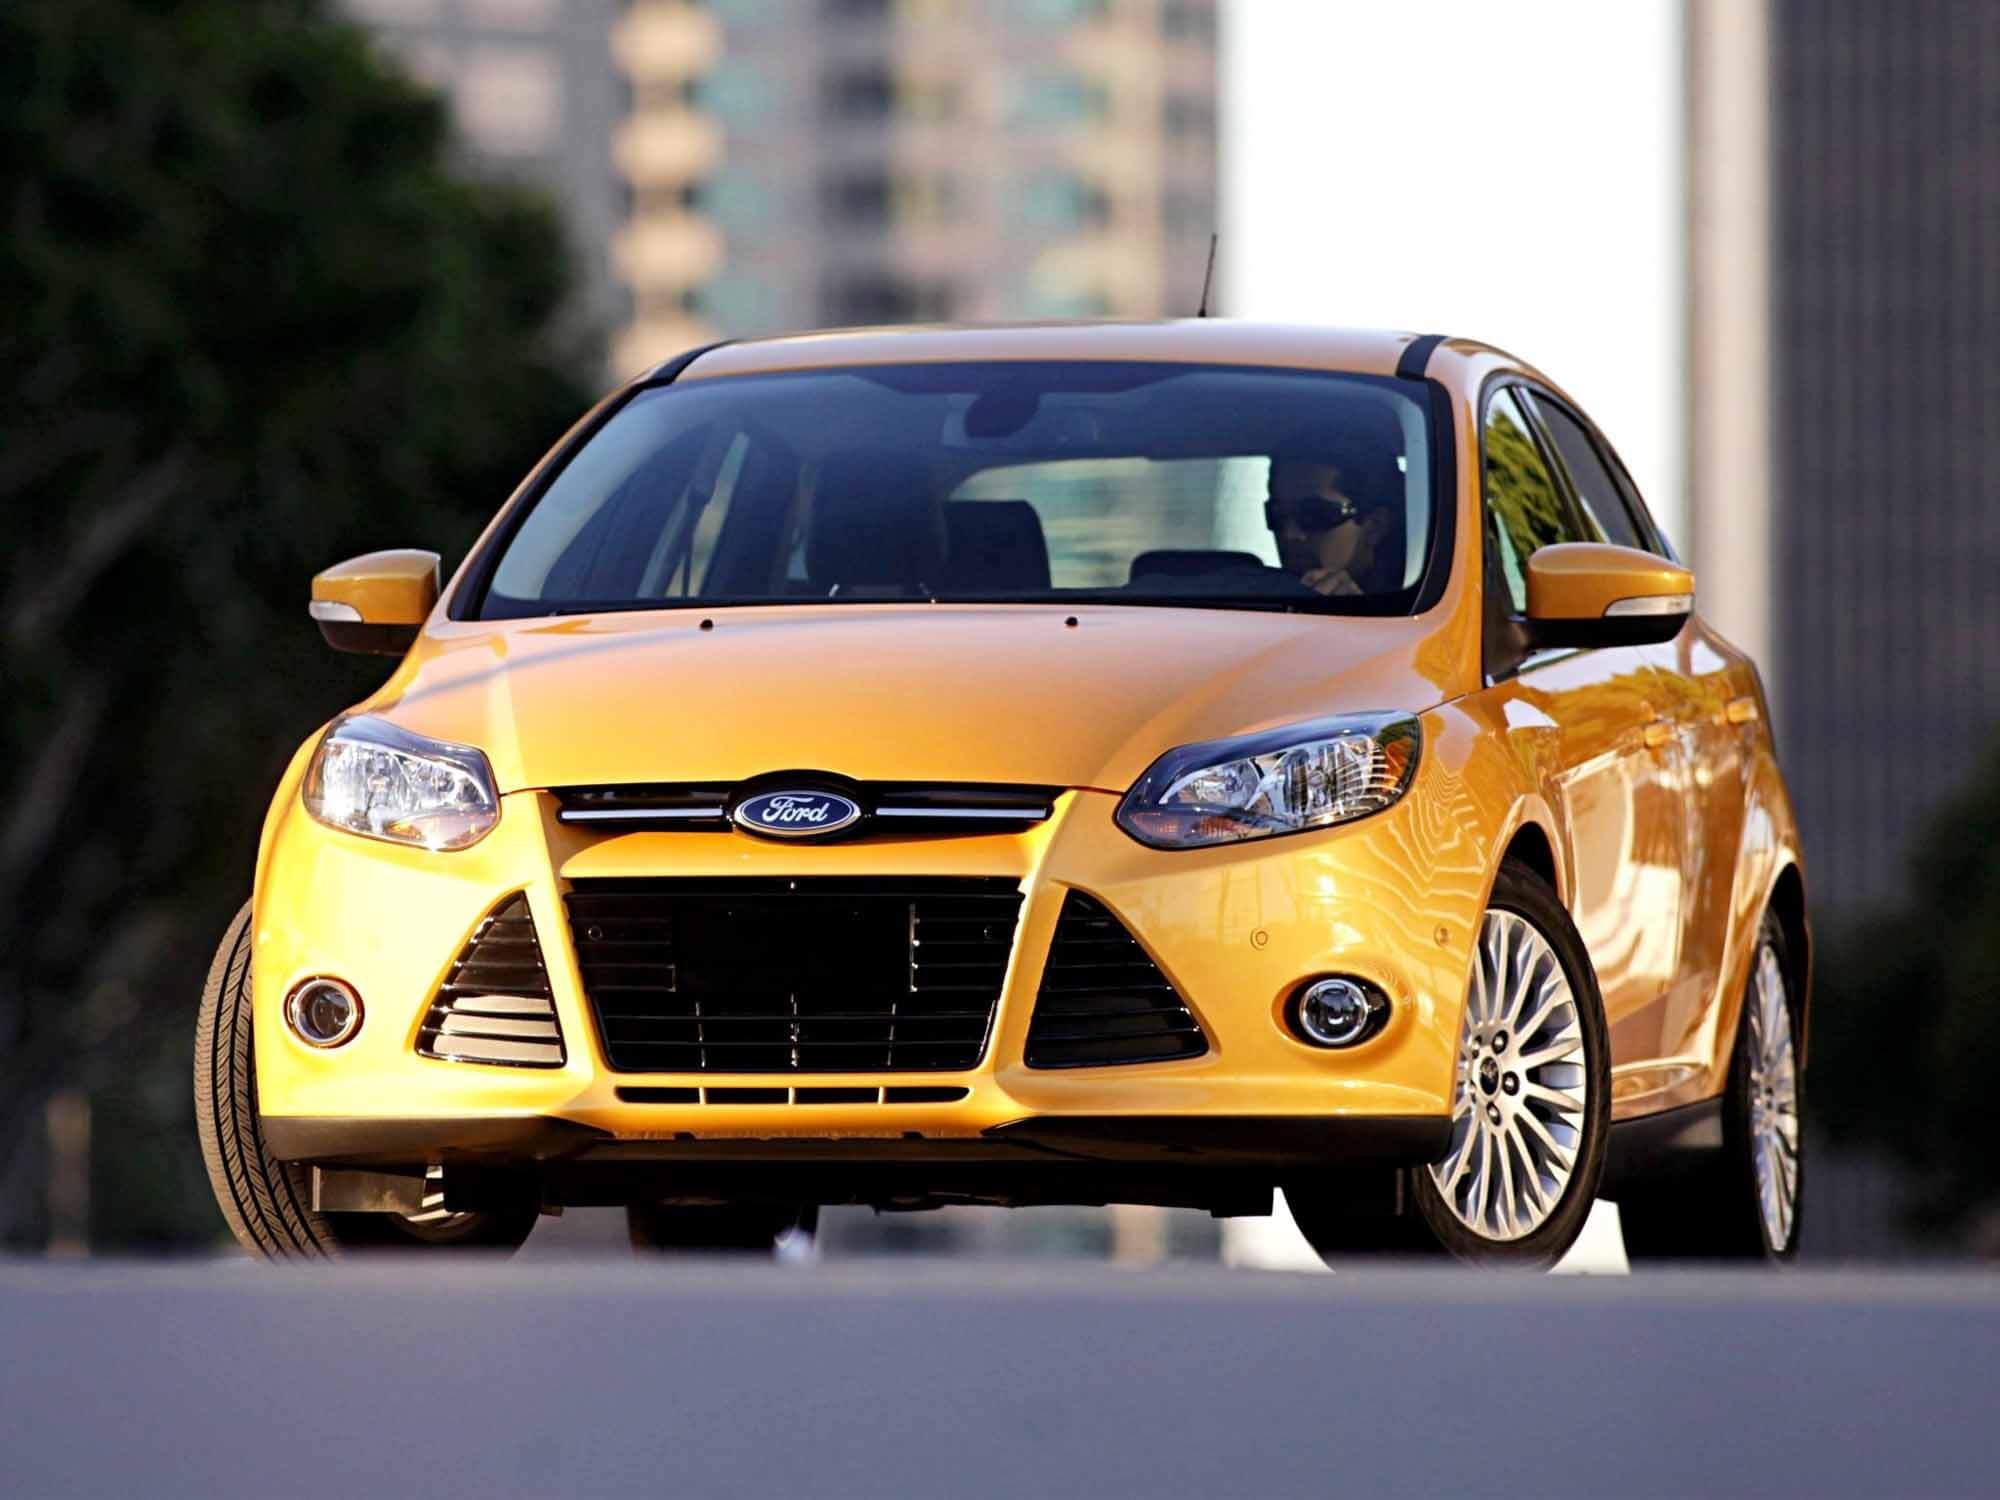 Потеря пассажира и отказ тормоза - два основных отзыва автомобилей Ford